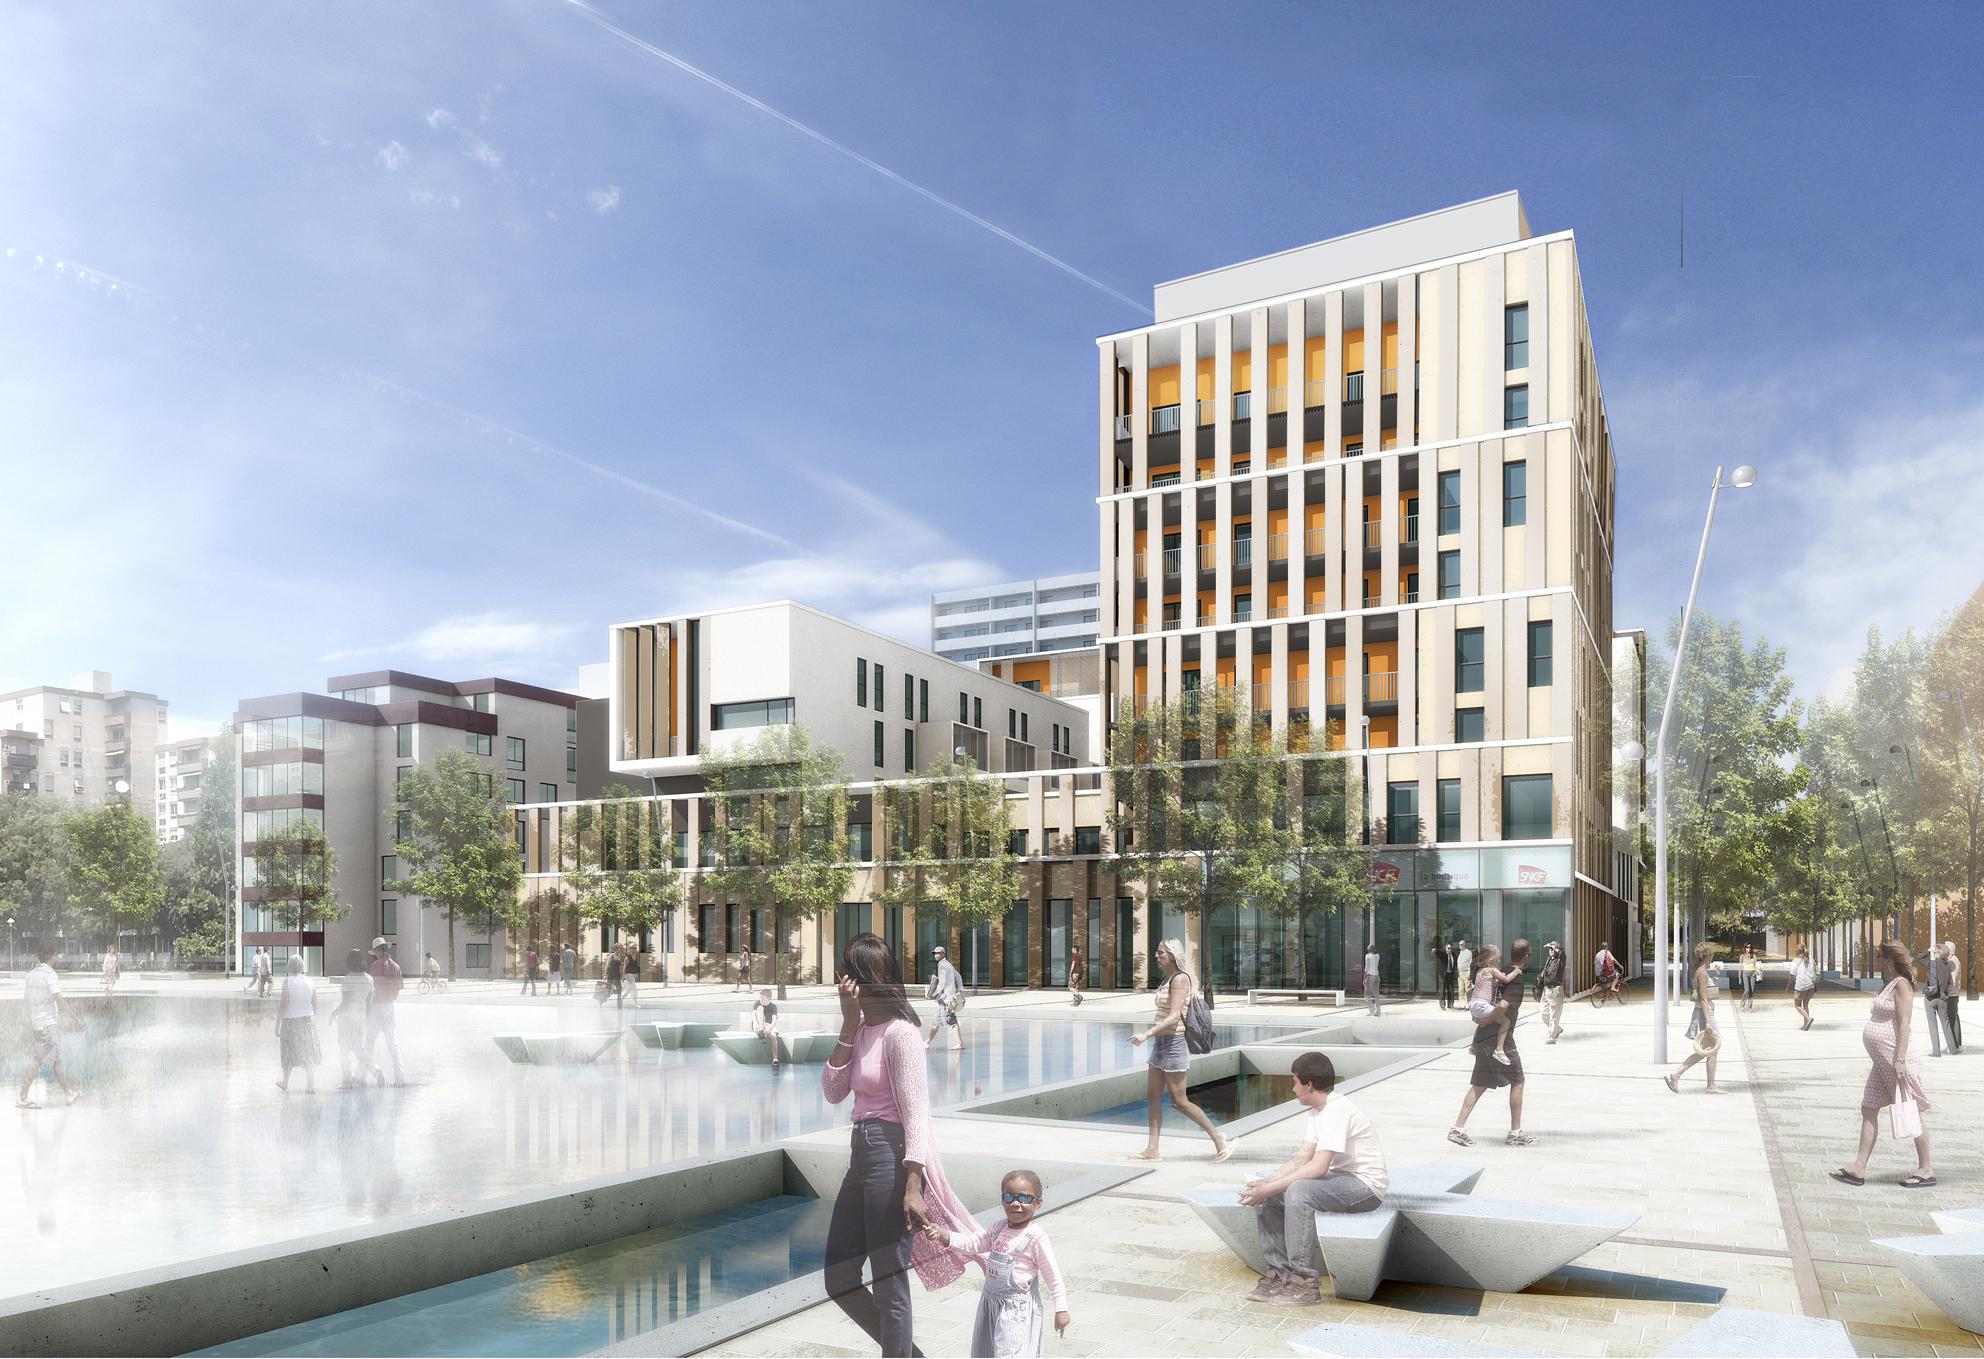 74 logements collectifs centre social surface for Architecture commerciale definition